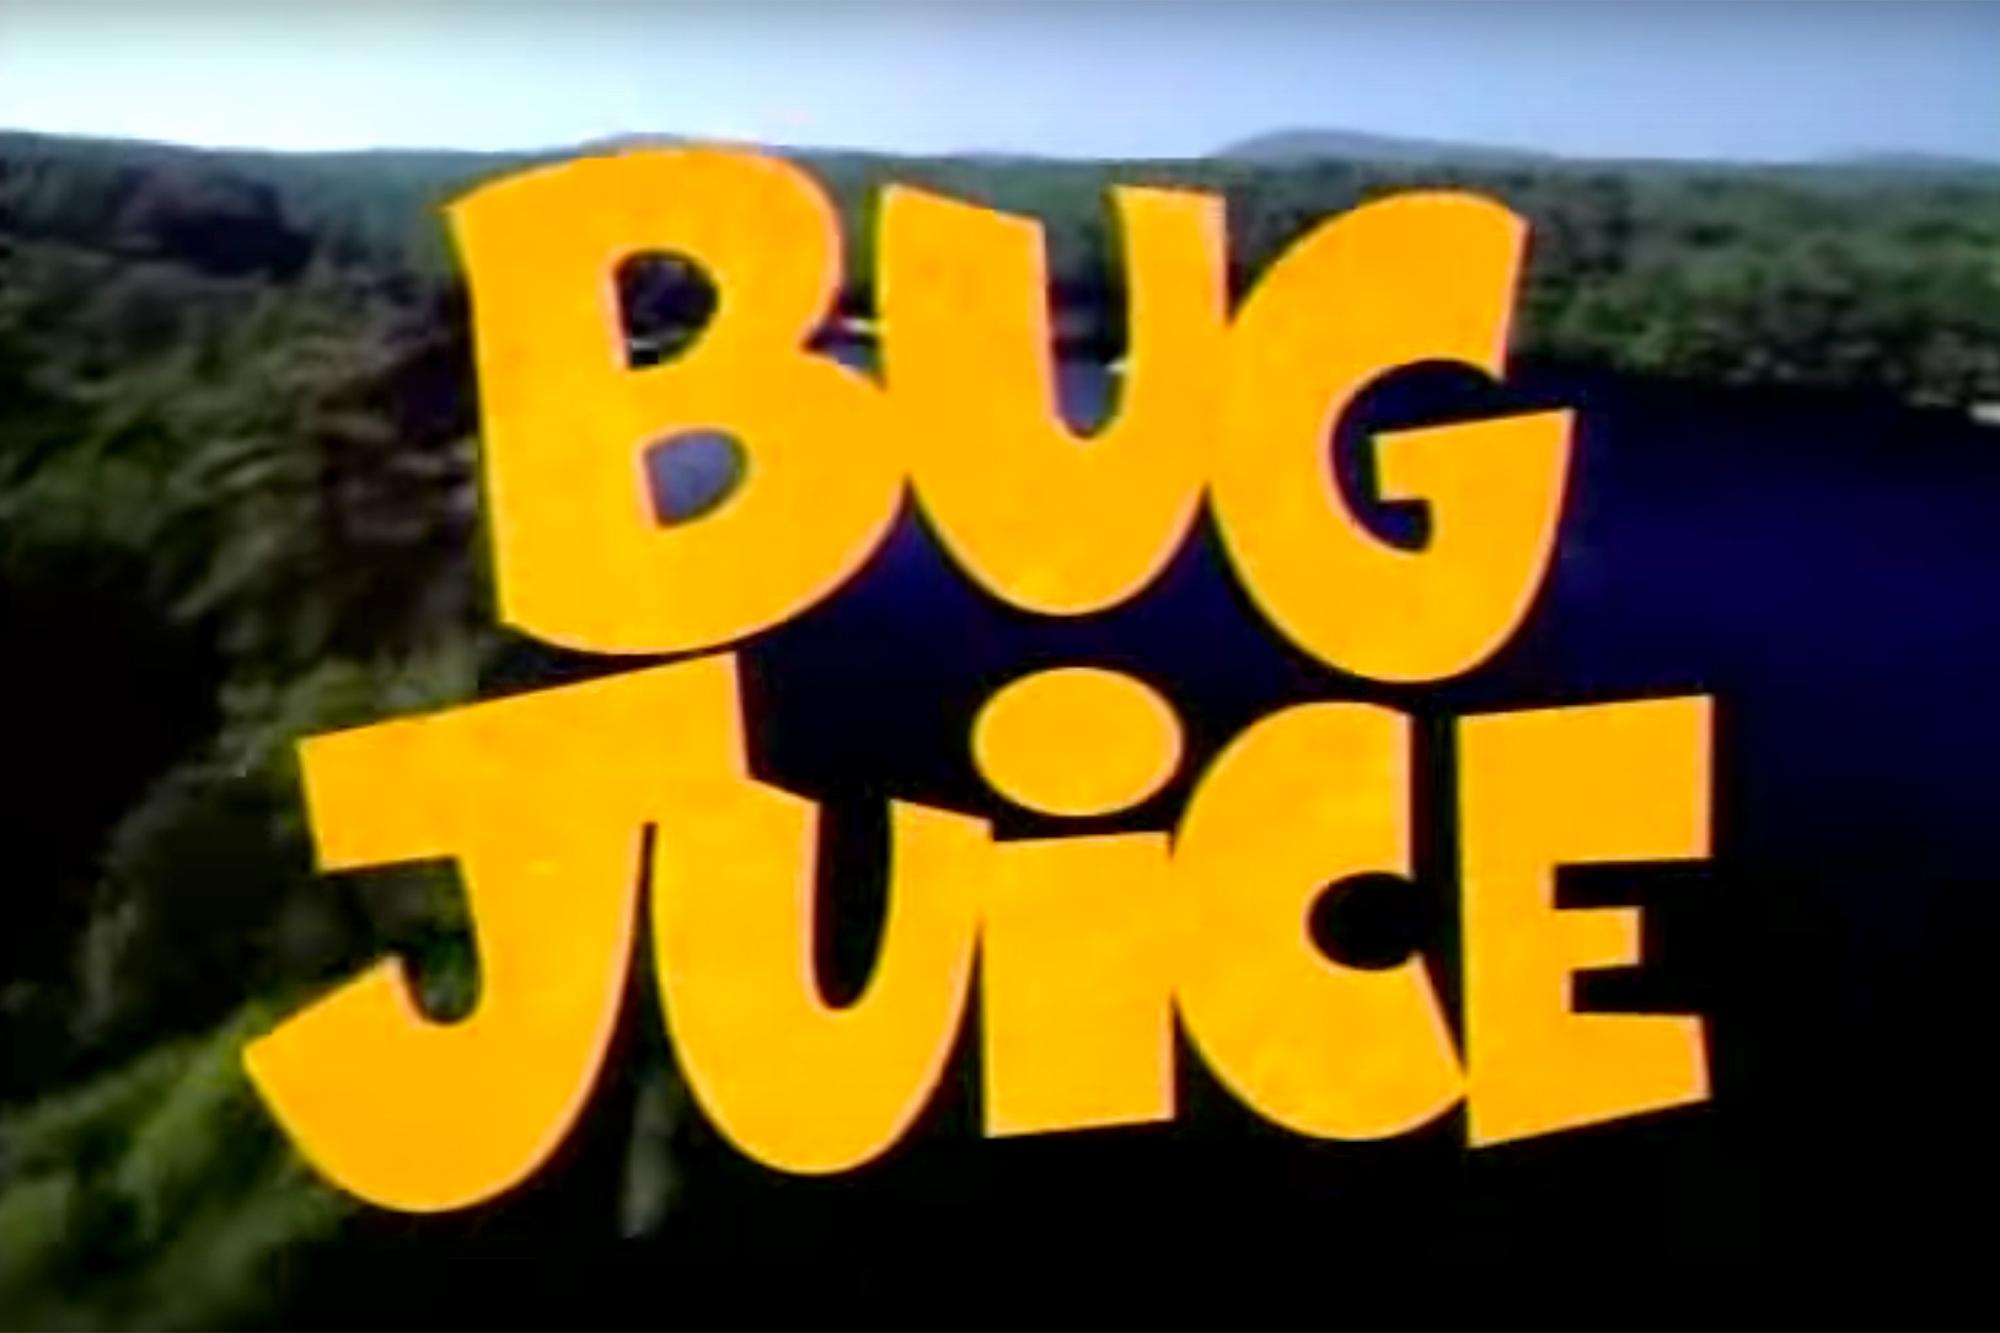 Disney Channel is Bringing Back Bug Juice